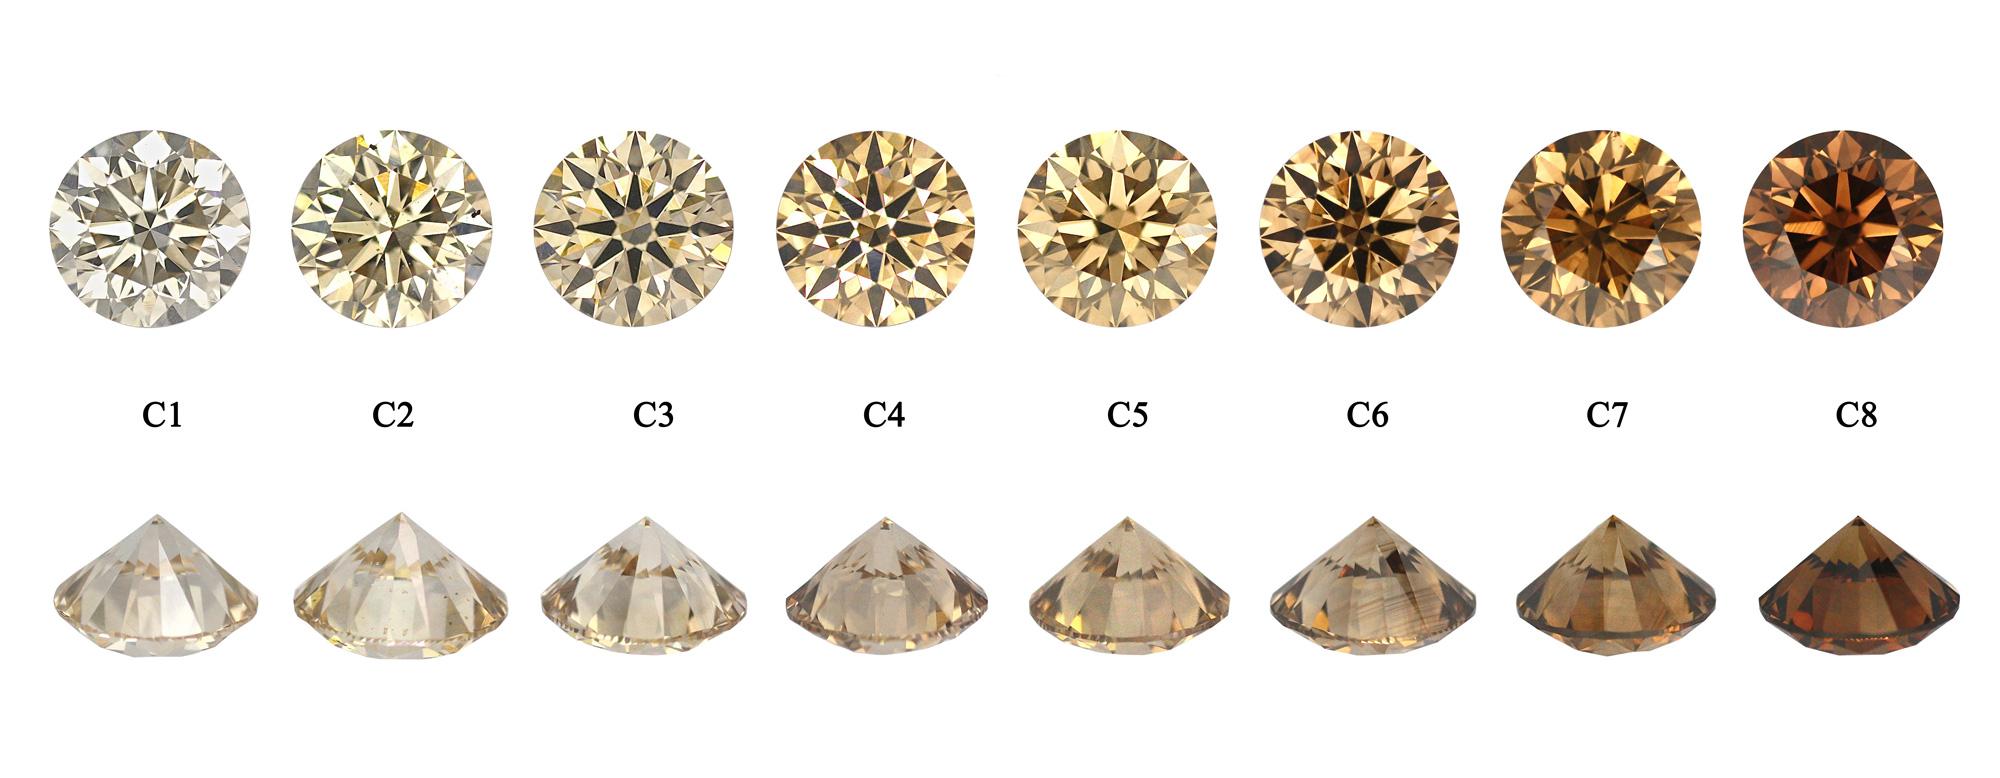 Champagne colored diamonds